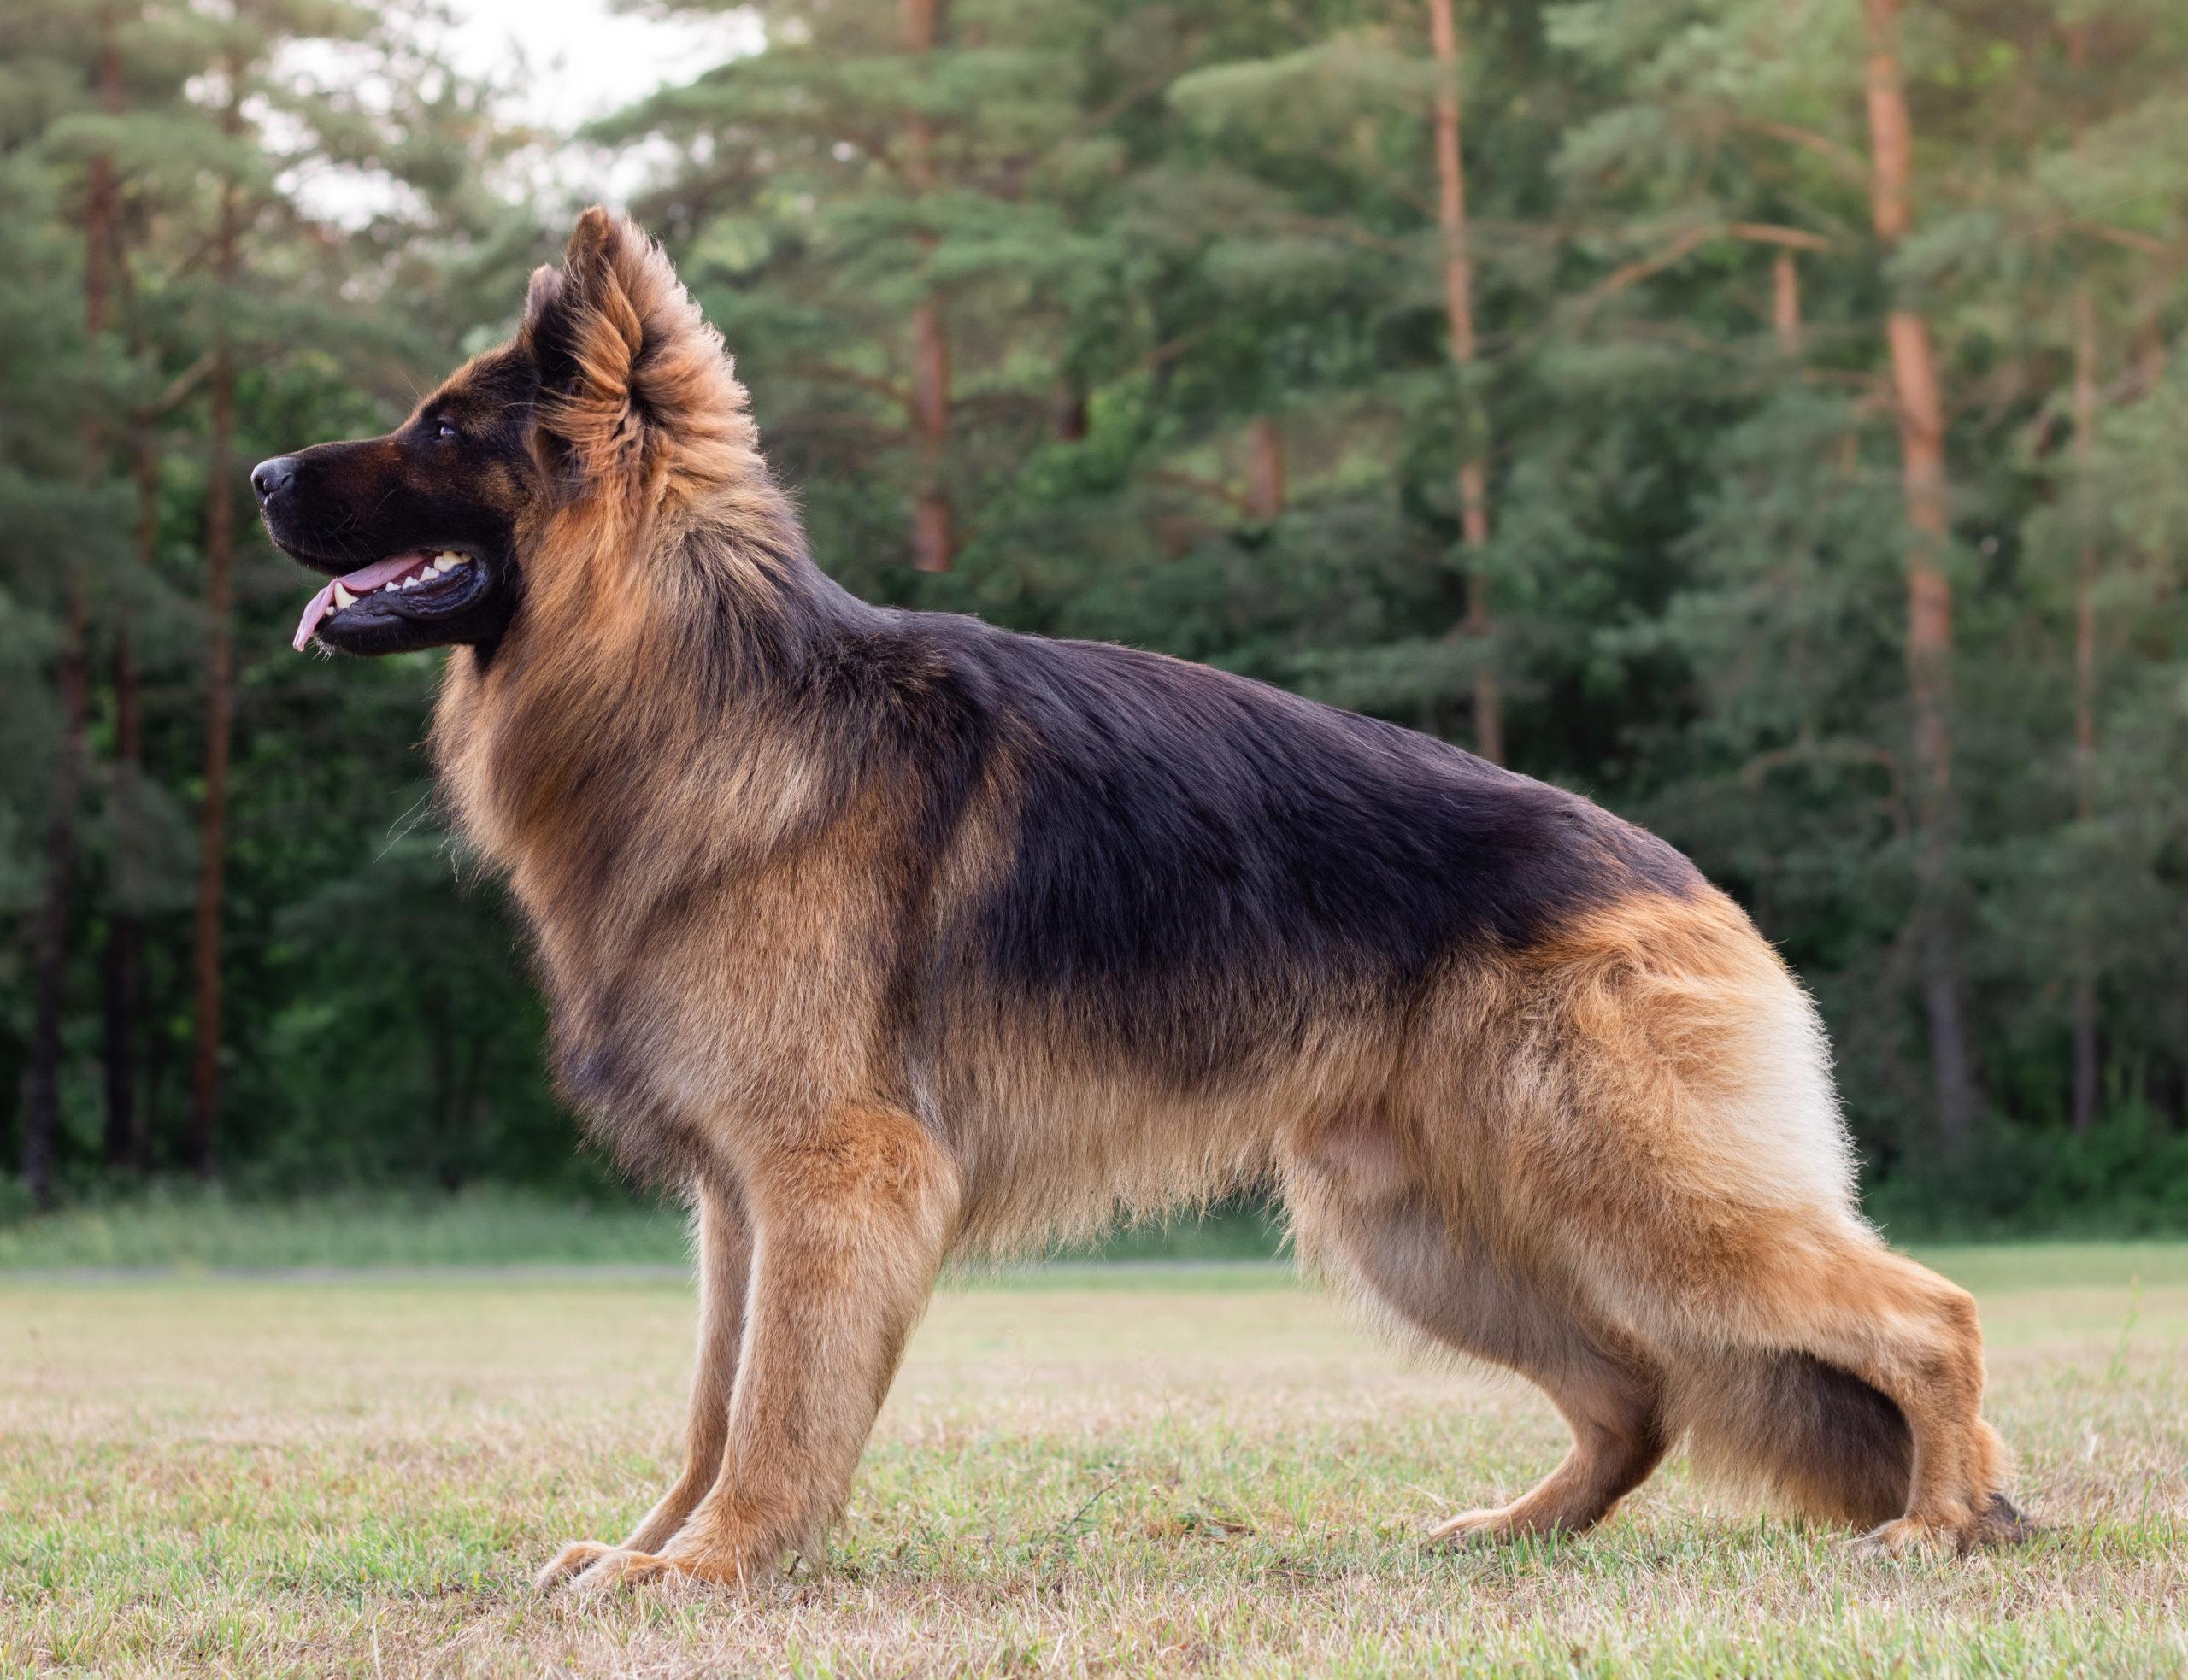 Esthund Moon Caesar, väiksem, kodulehele